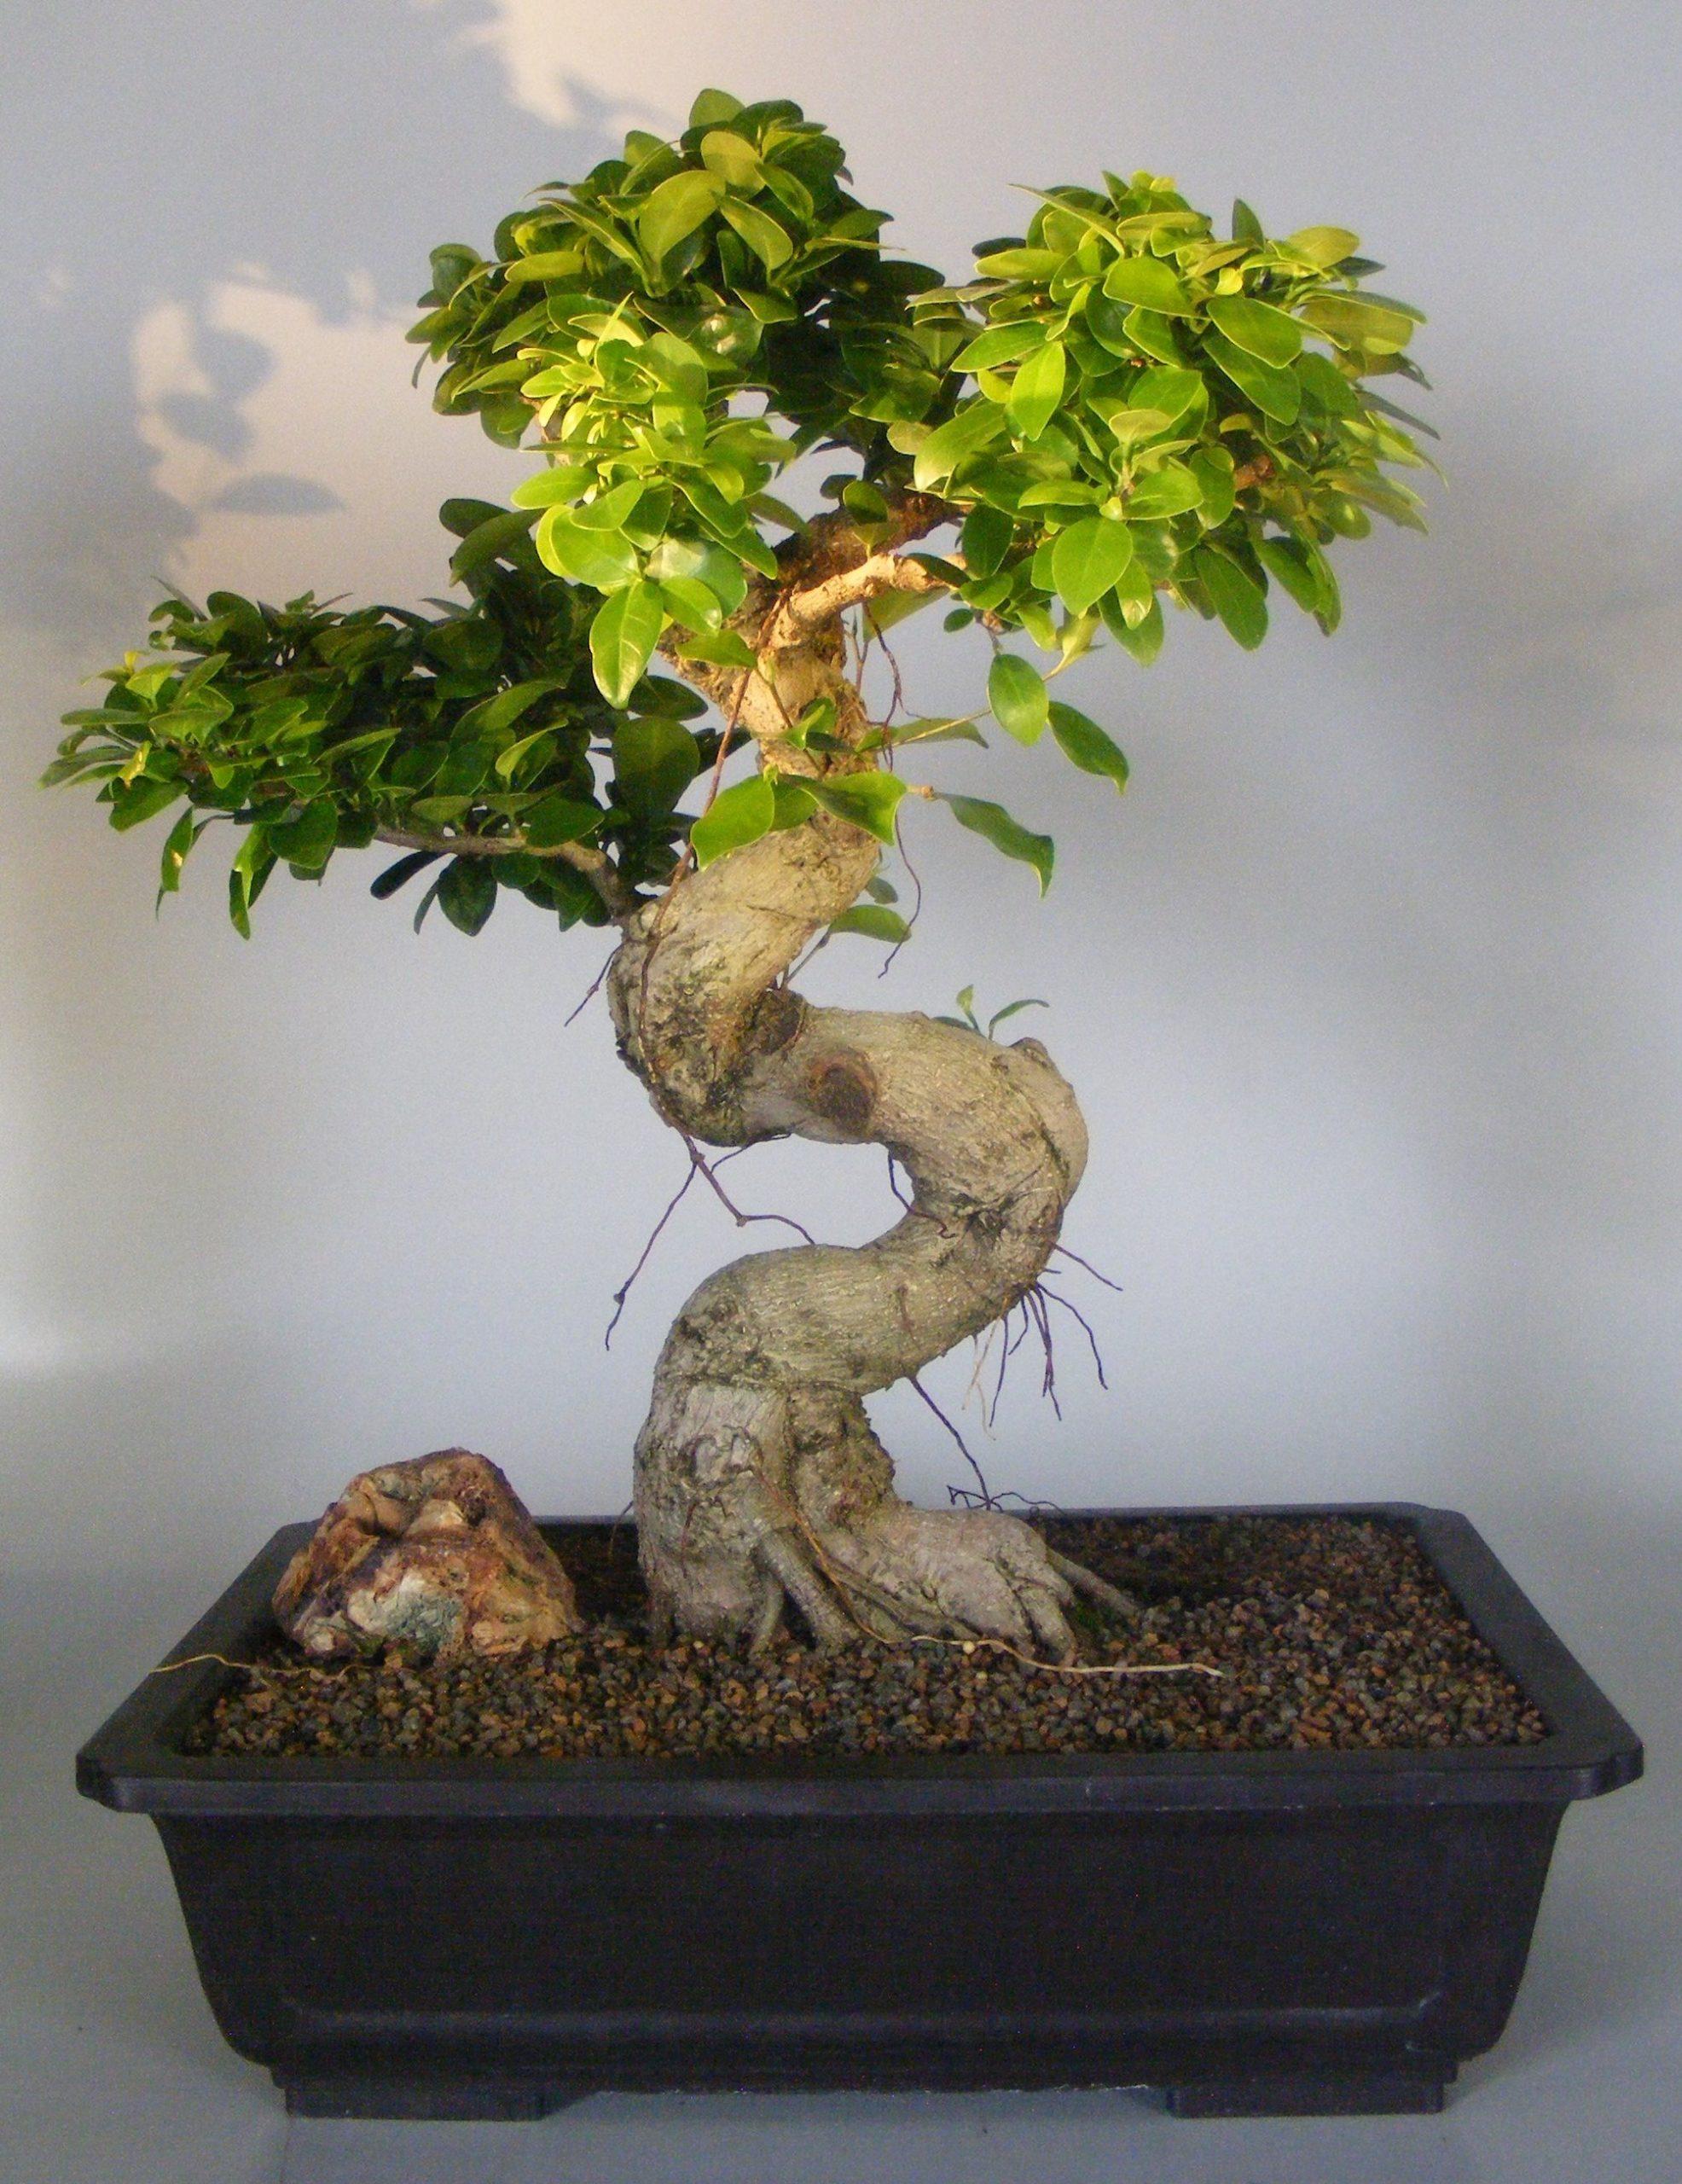 Comment prendre soin de l'arbre après l'achat du bonsaï?